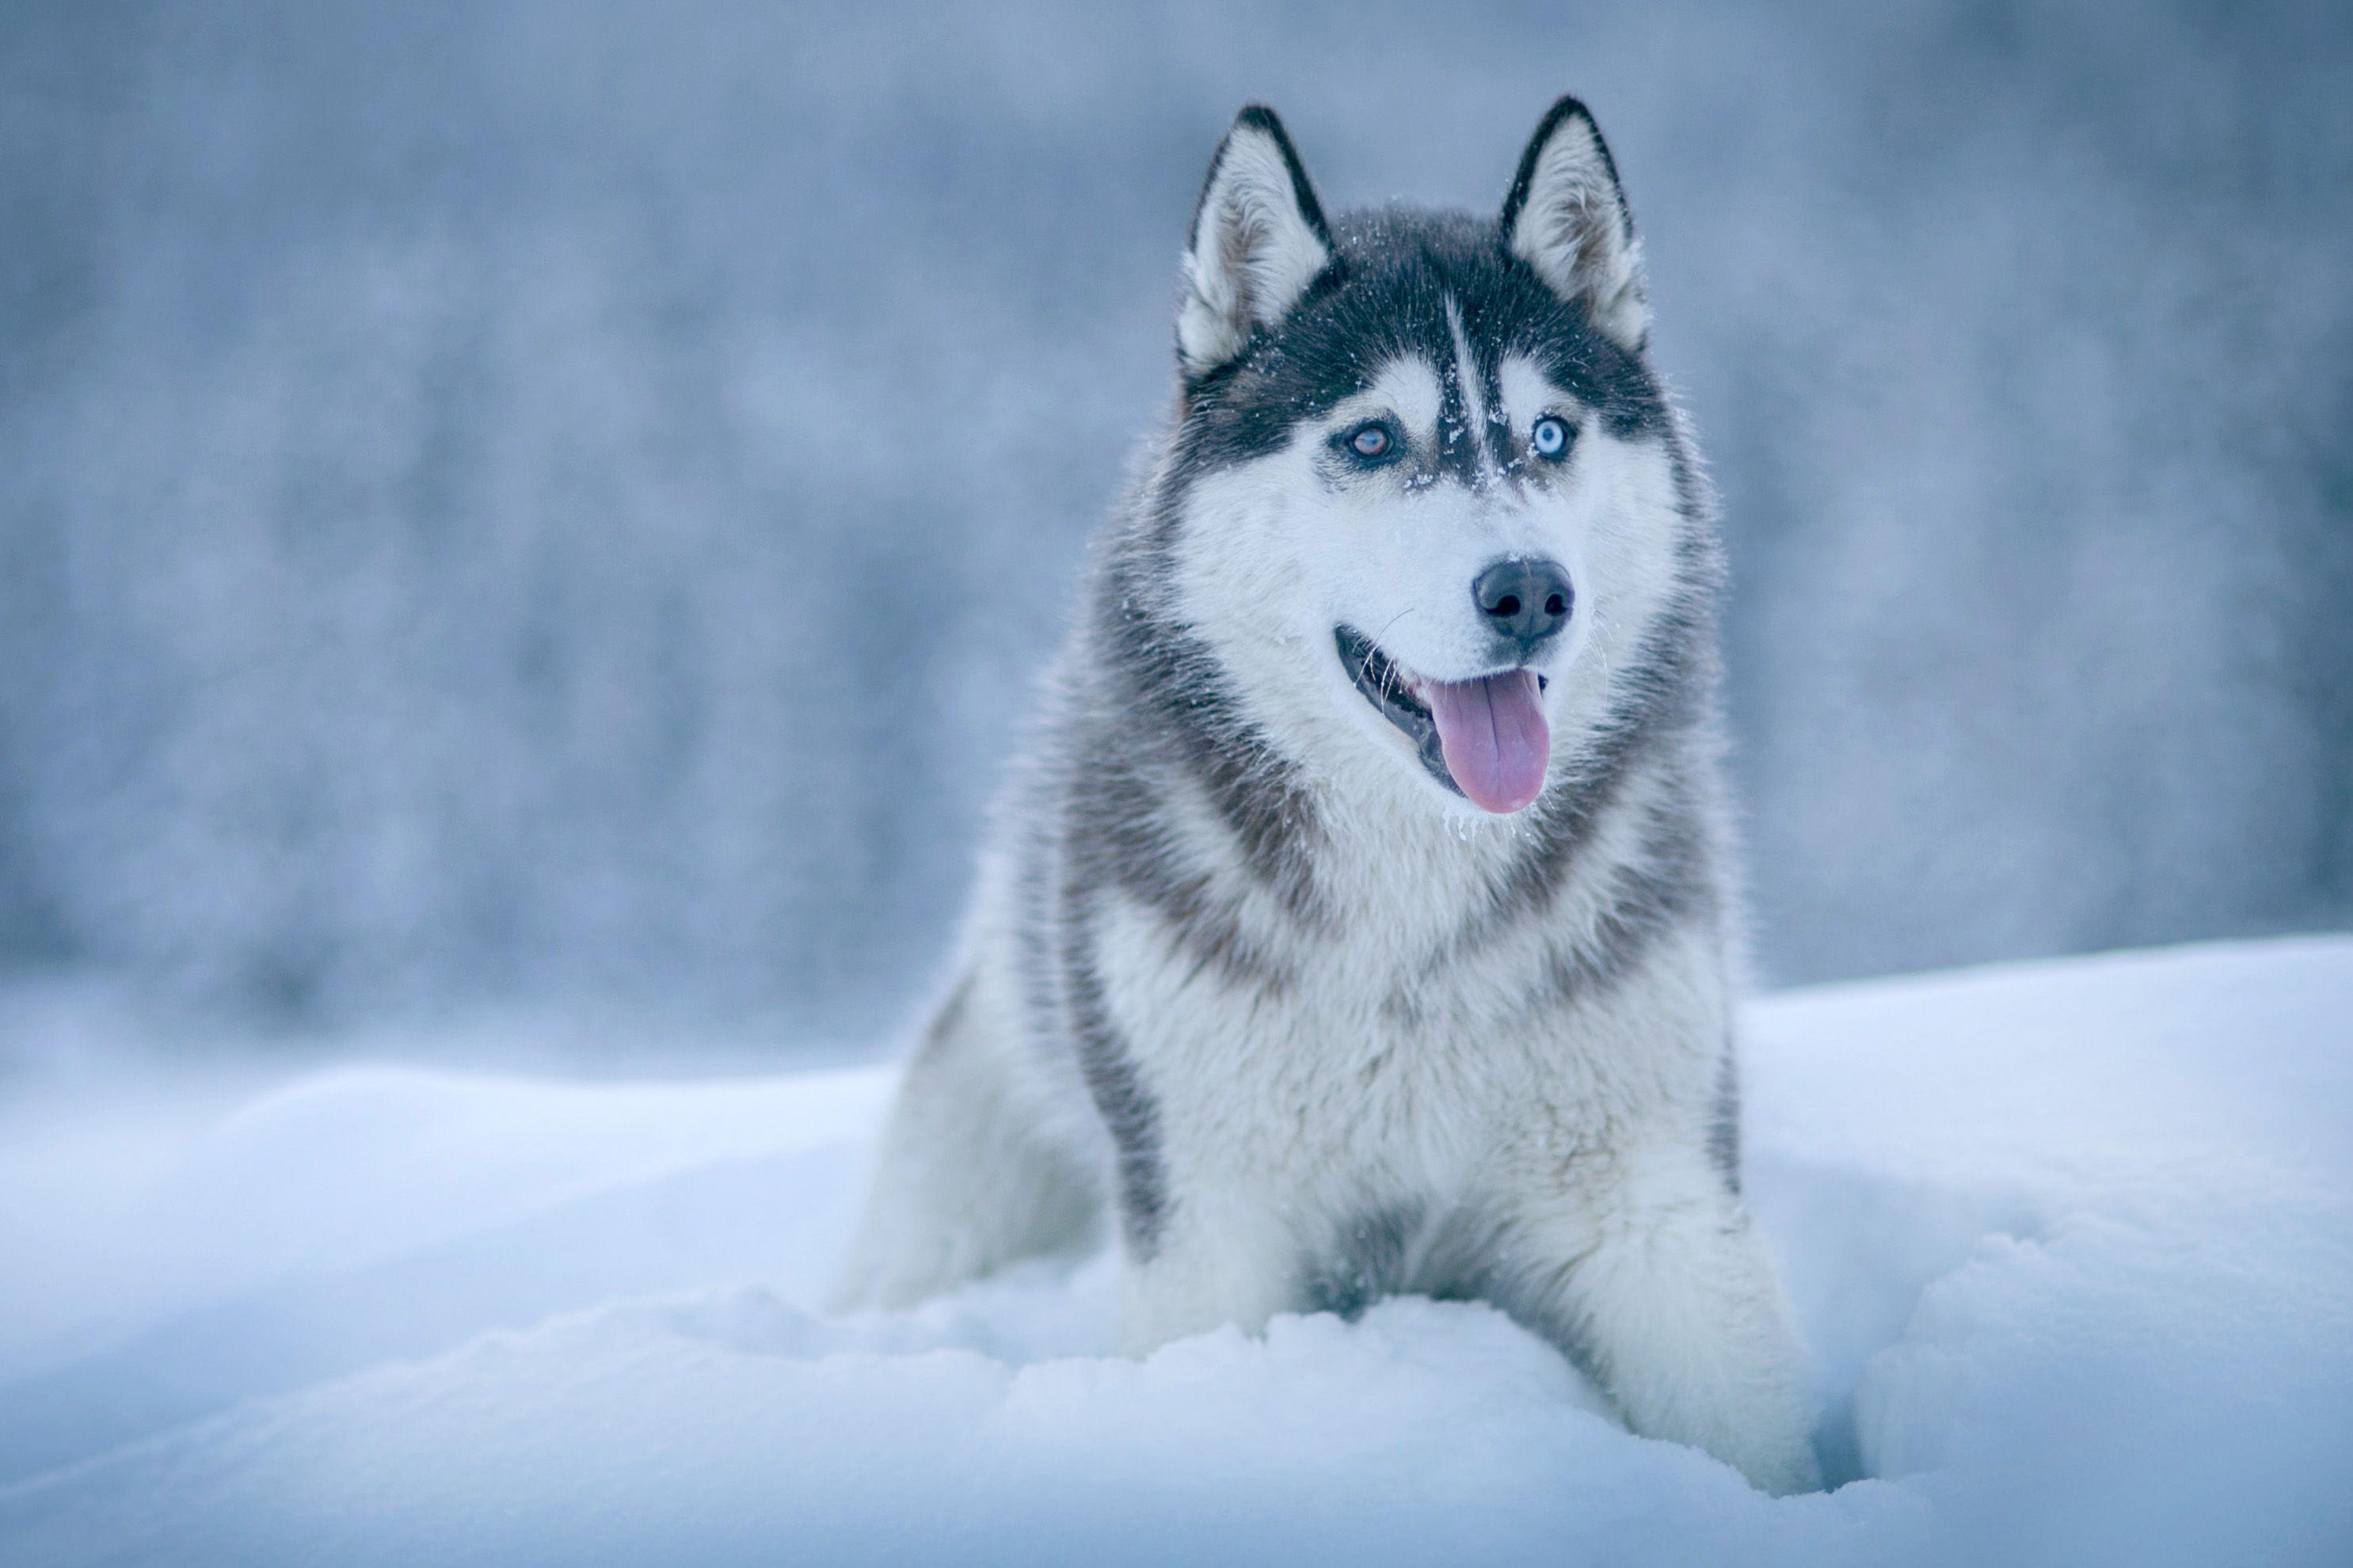 Husky Cold Dog Animal Infinityanimal Husky Dogs Siberian